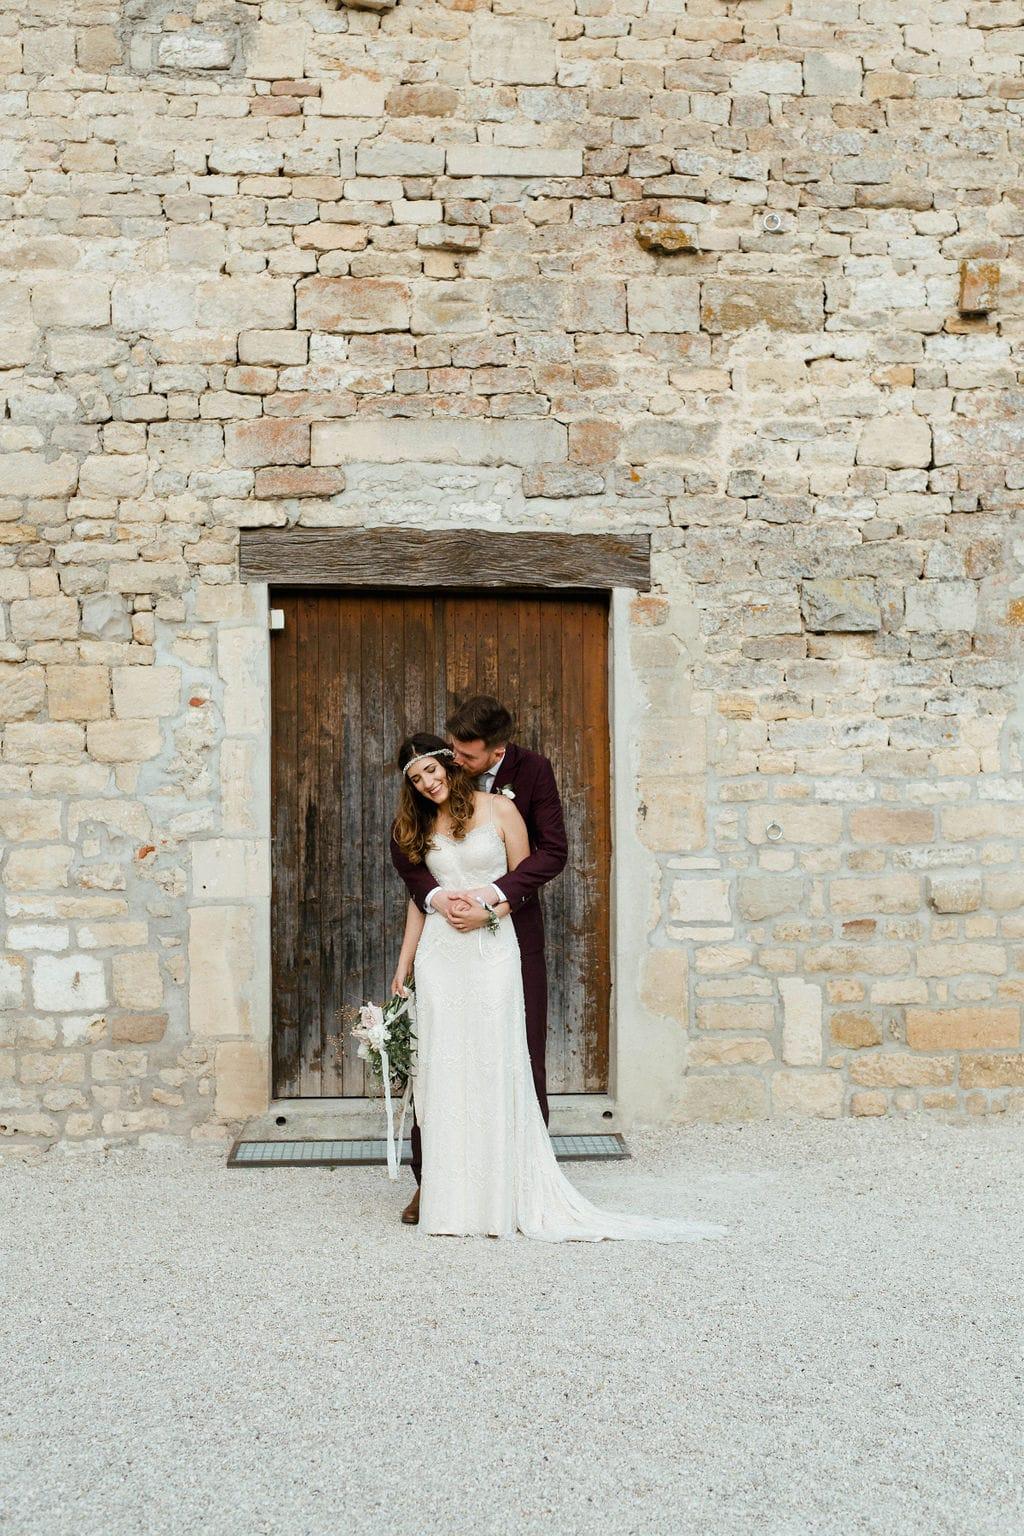 Un mariage champêtre et végétal - Capucine Atelier Floral - Fleuirste mariage - Grand Est Alsace Belgique Luxembourg